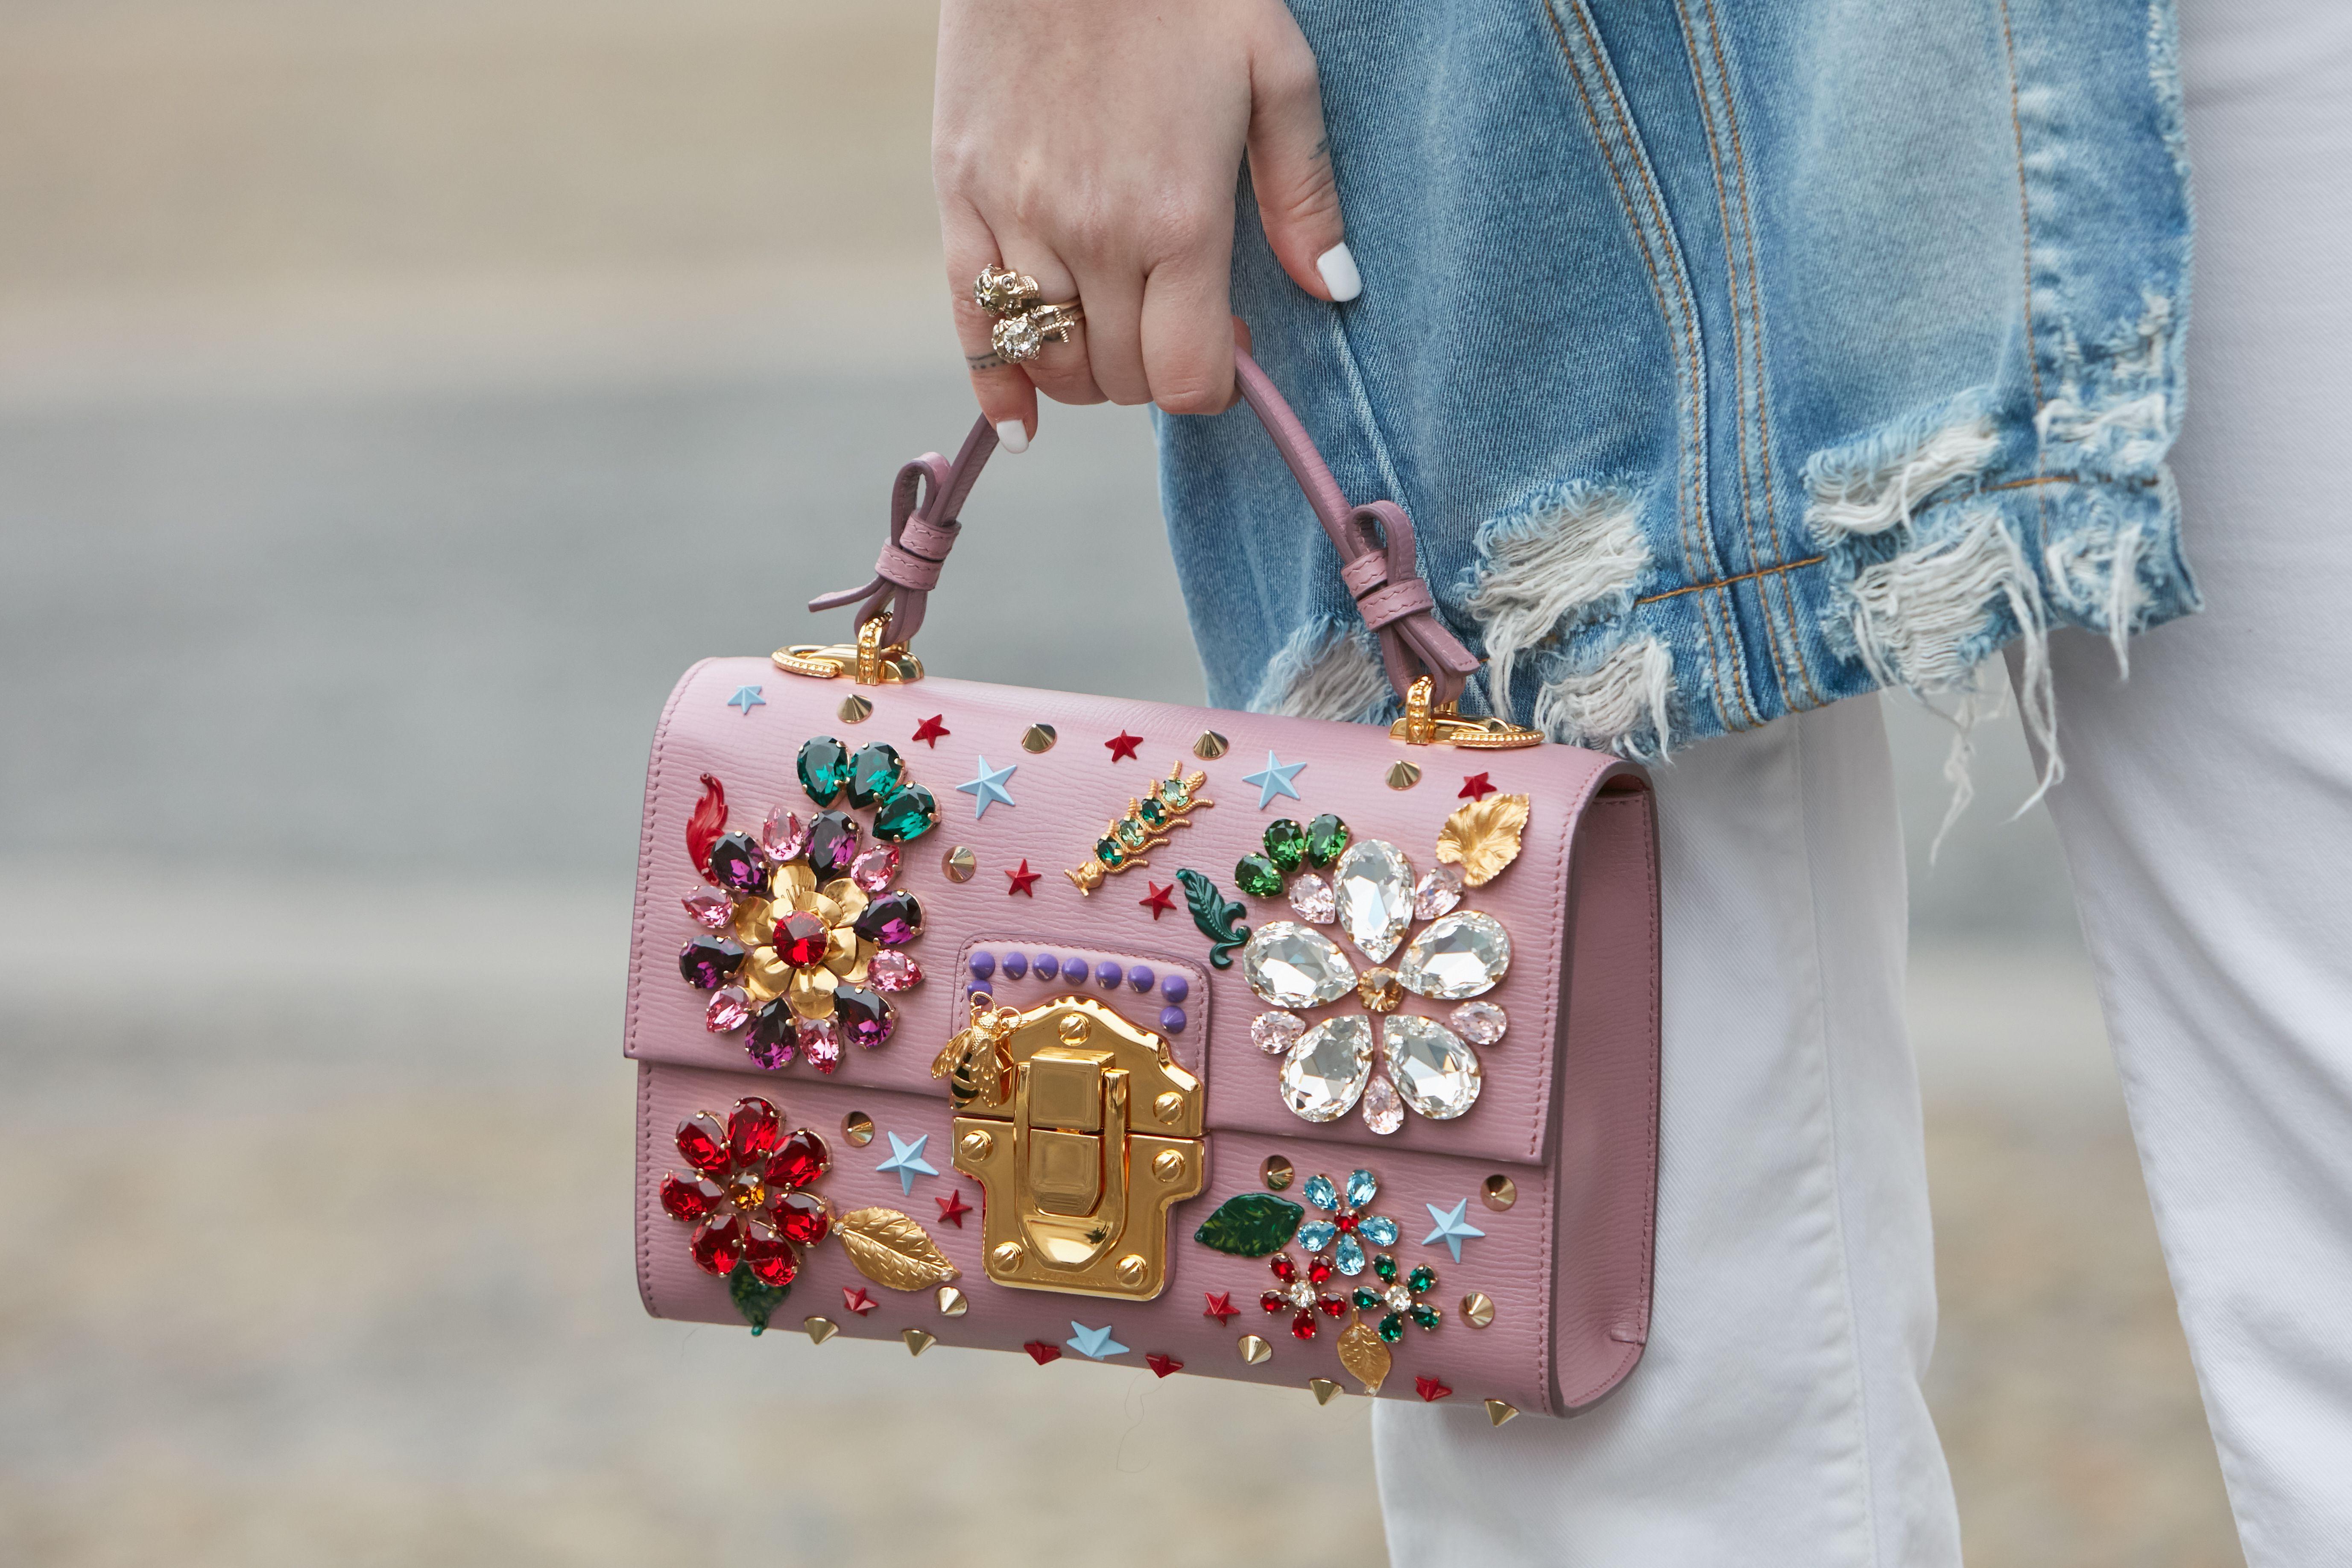 Izabrali smo 10 najljepših torbi iz dizajnerske ponude